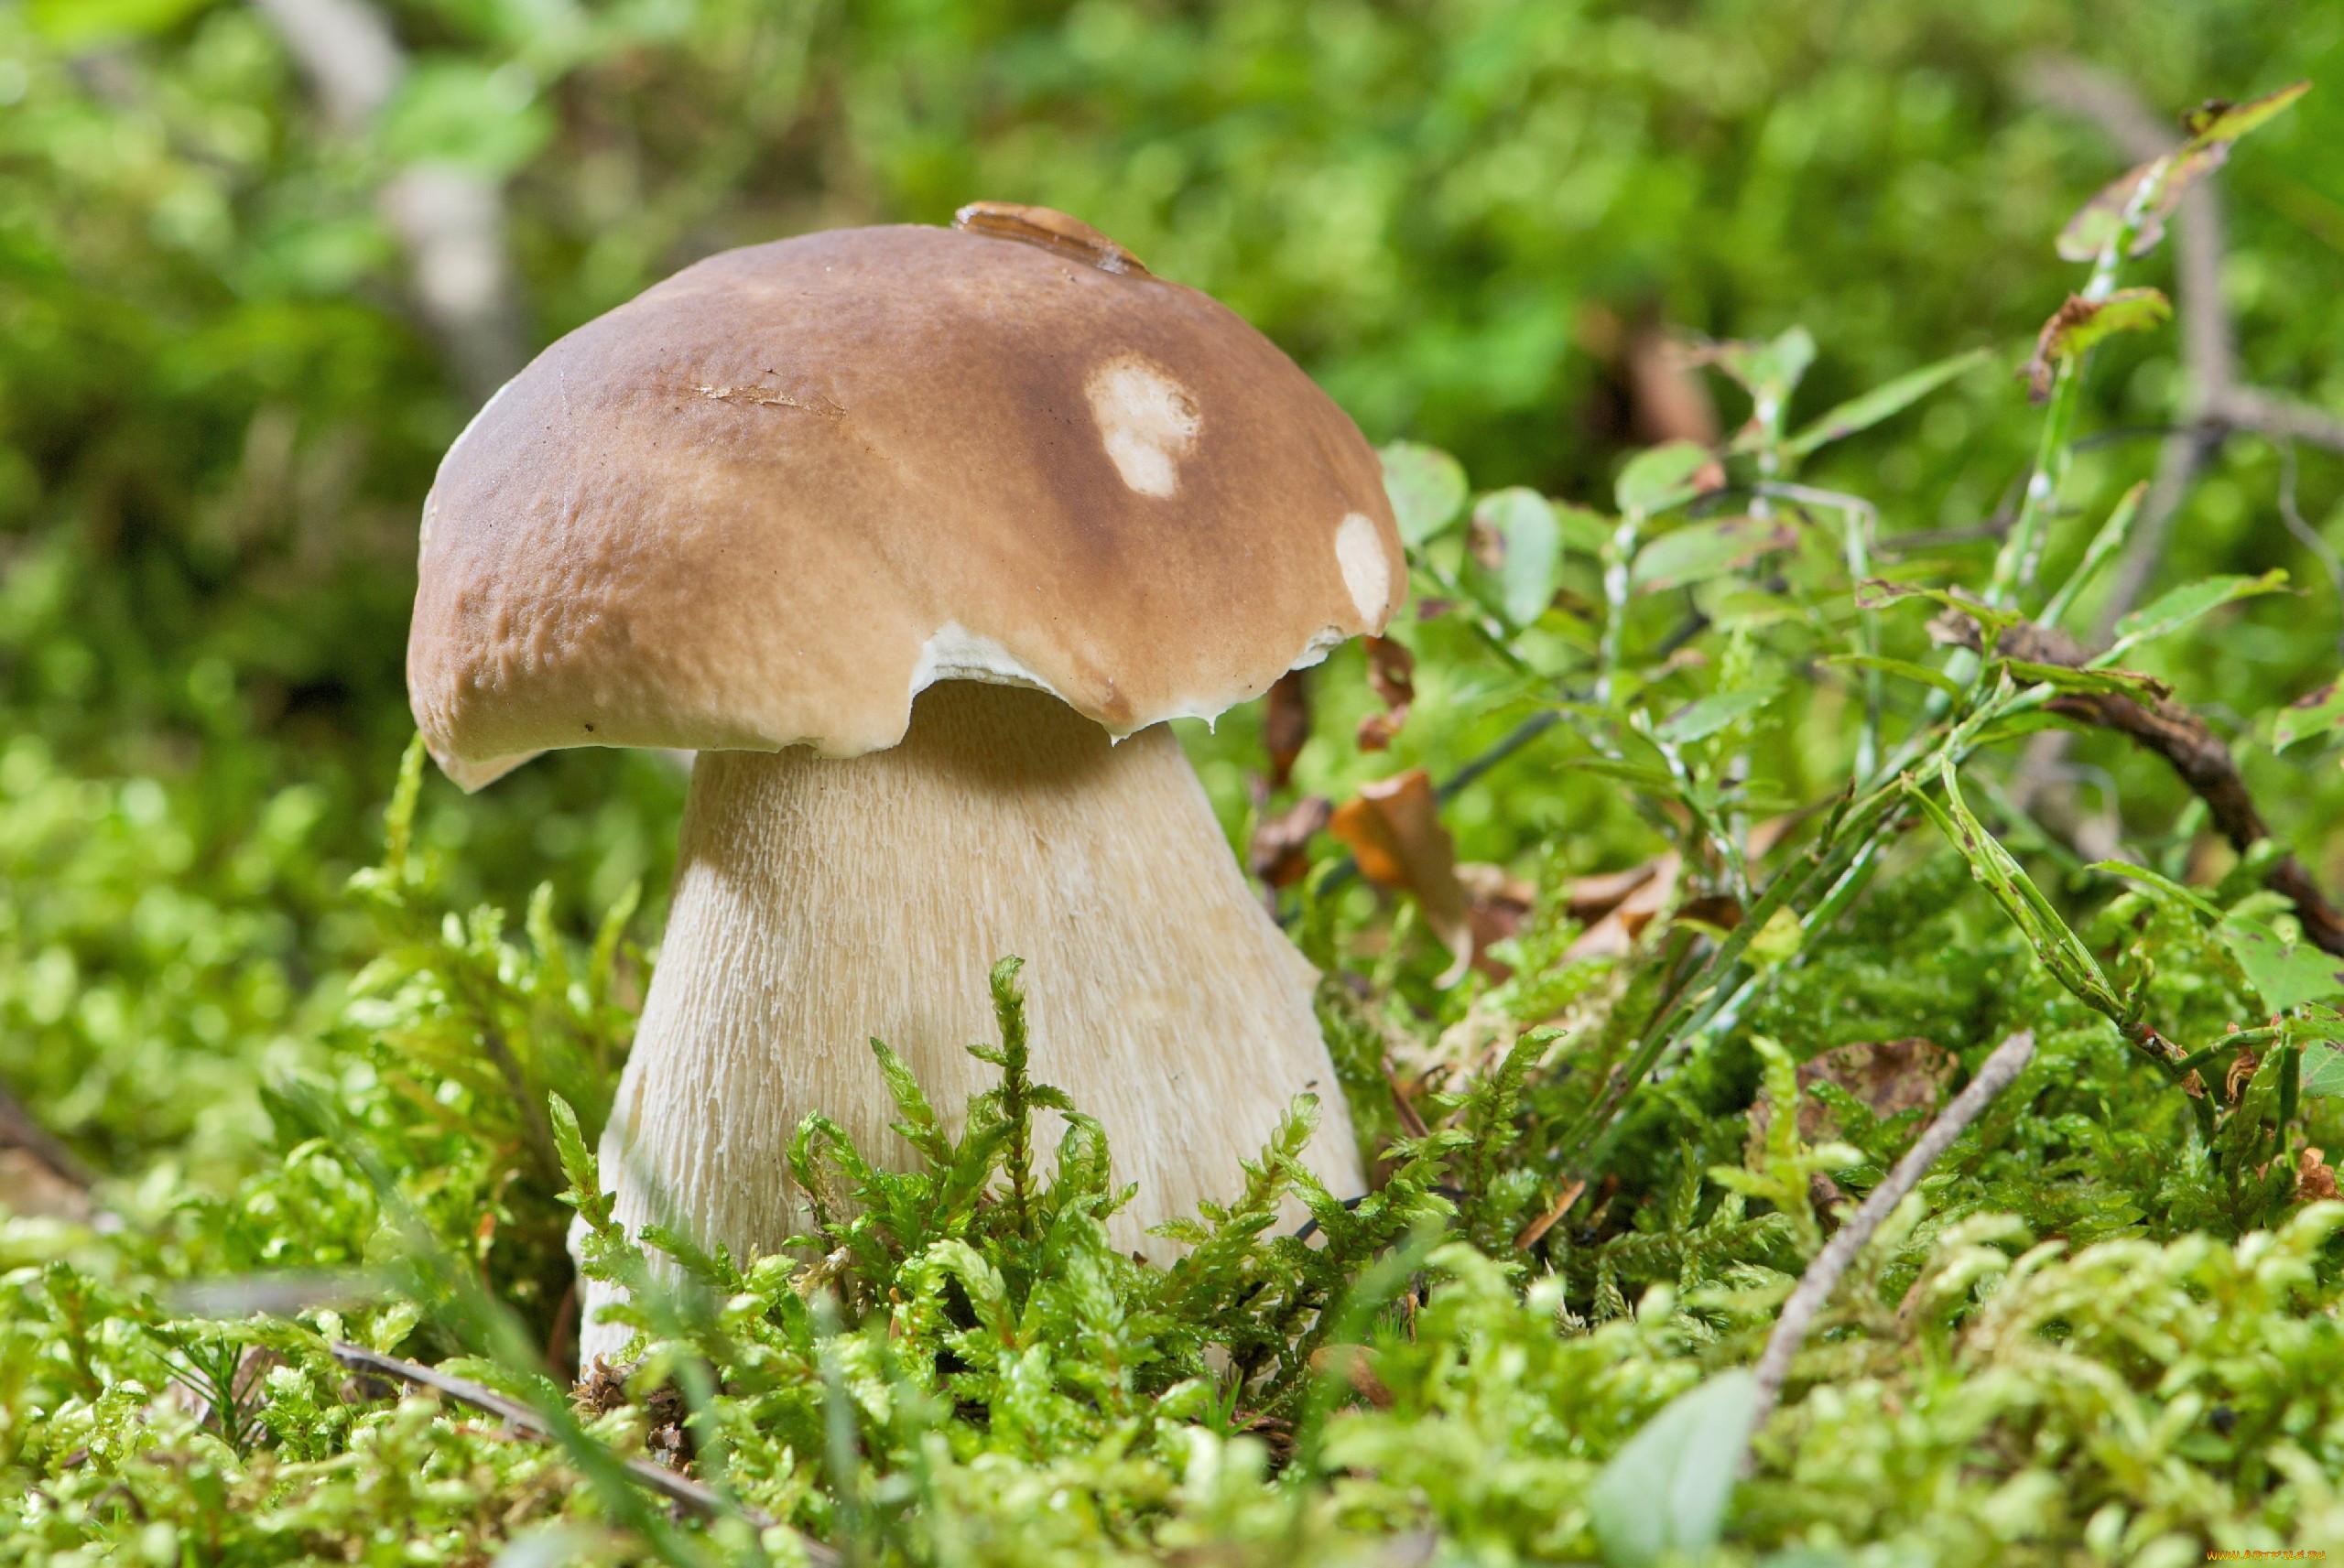 как выглядит ложный белый гриб фото саркастических подъебов